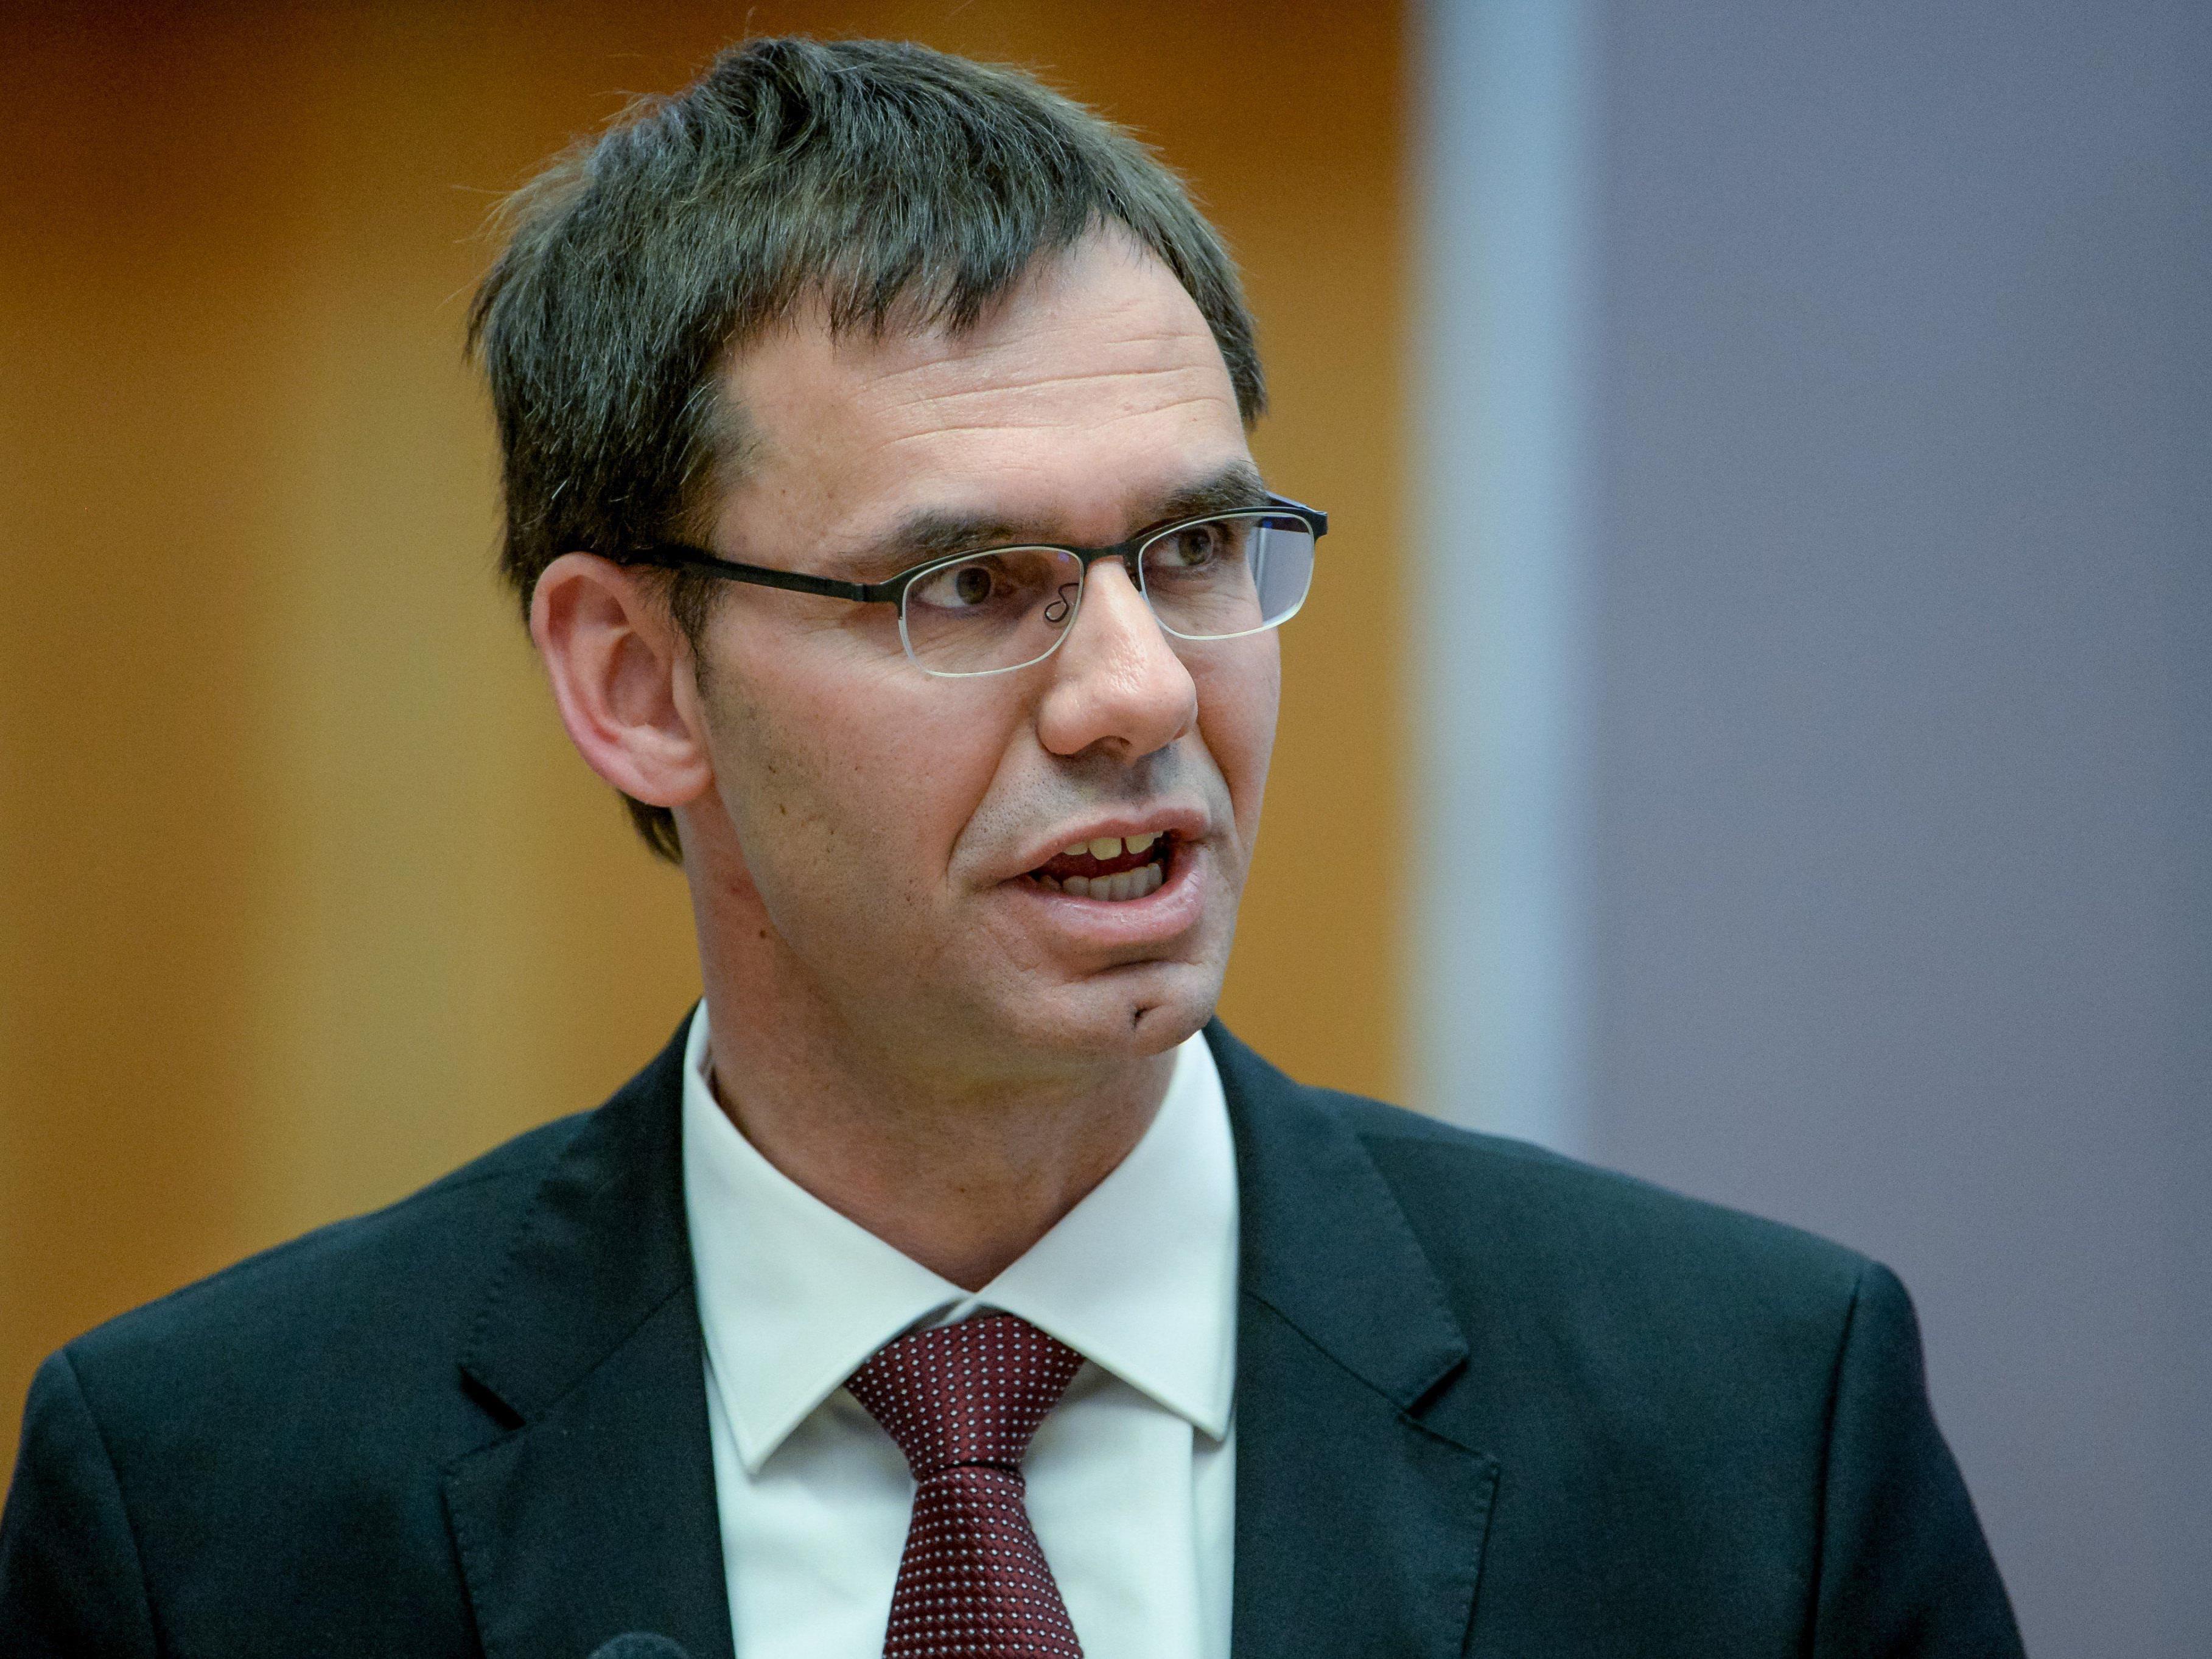 Landeshauptmann Wallner erwartet ein hartes Tauziehen zwischen Bund, Länder und Gemeinden.